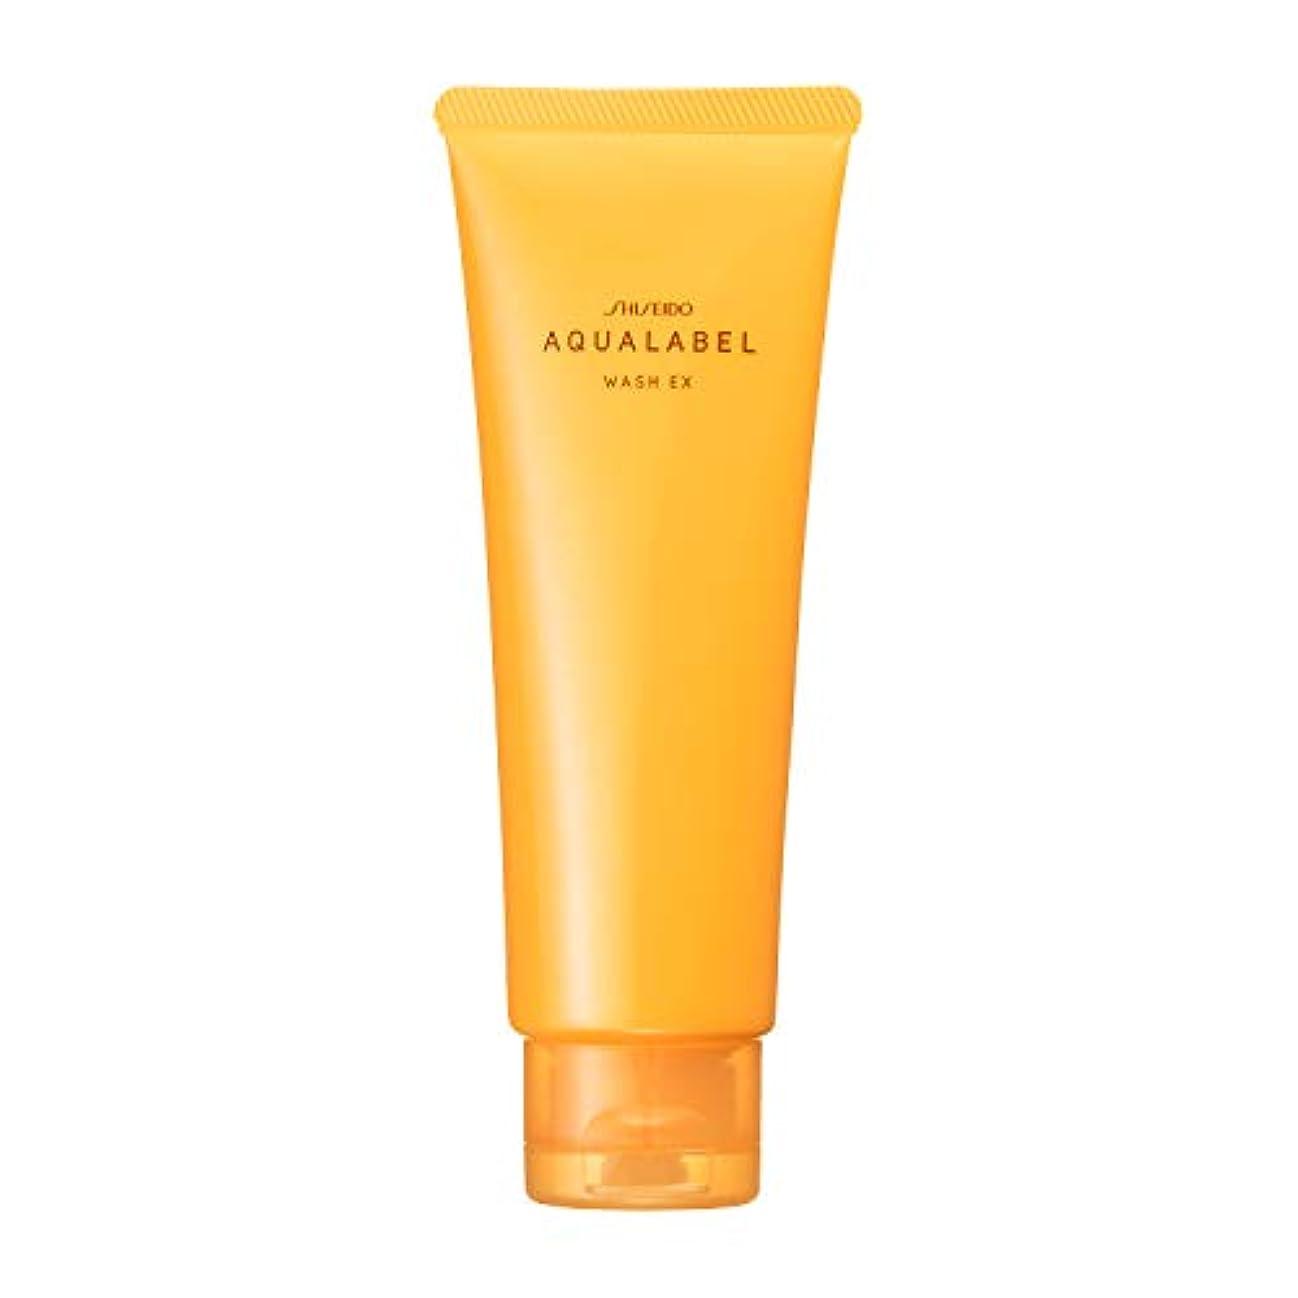 発明する被るアクセシブルアクアレーベル 豊潤泡洗顔フォーム 110g